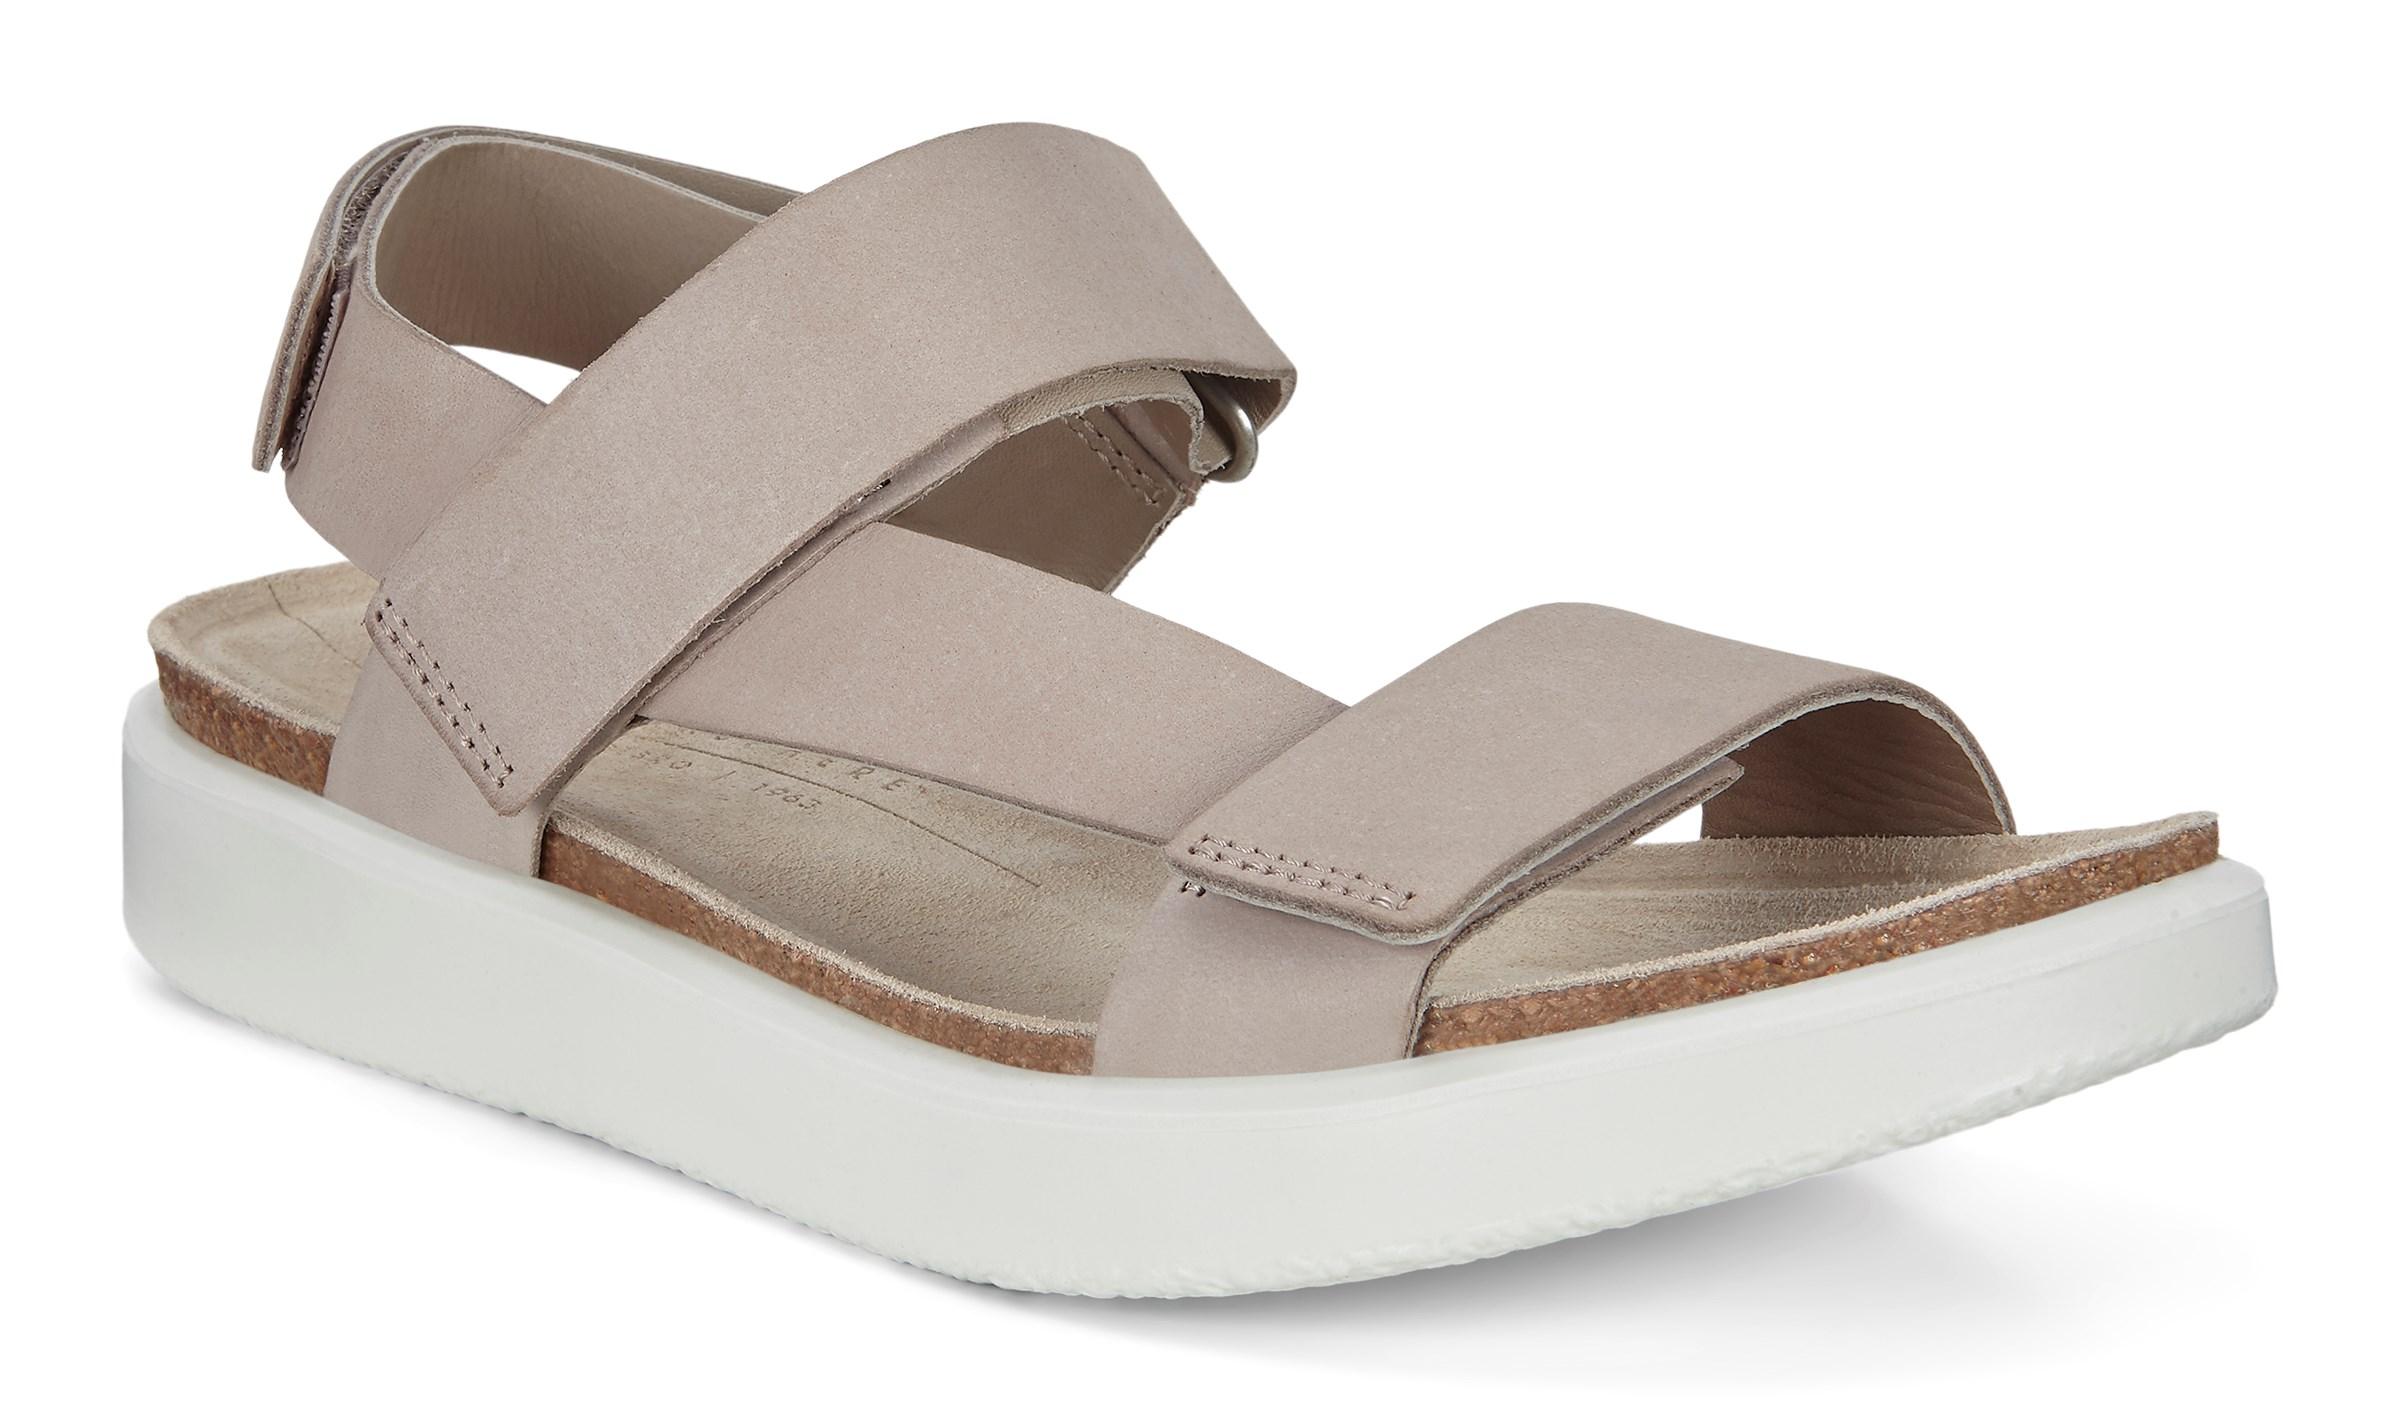 Sandalen für Damen | Im offiziellen ECCO® Shop einkaufen